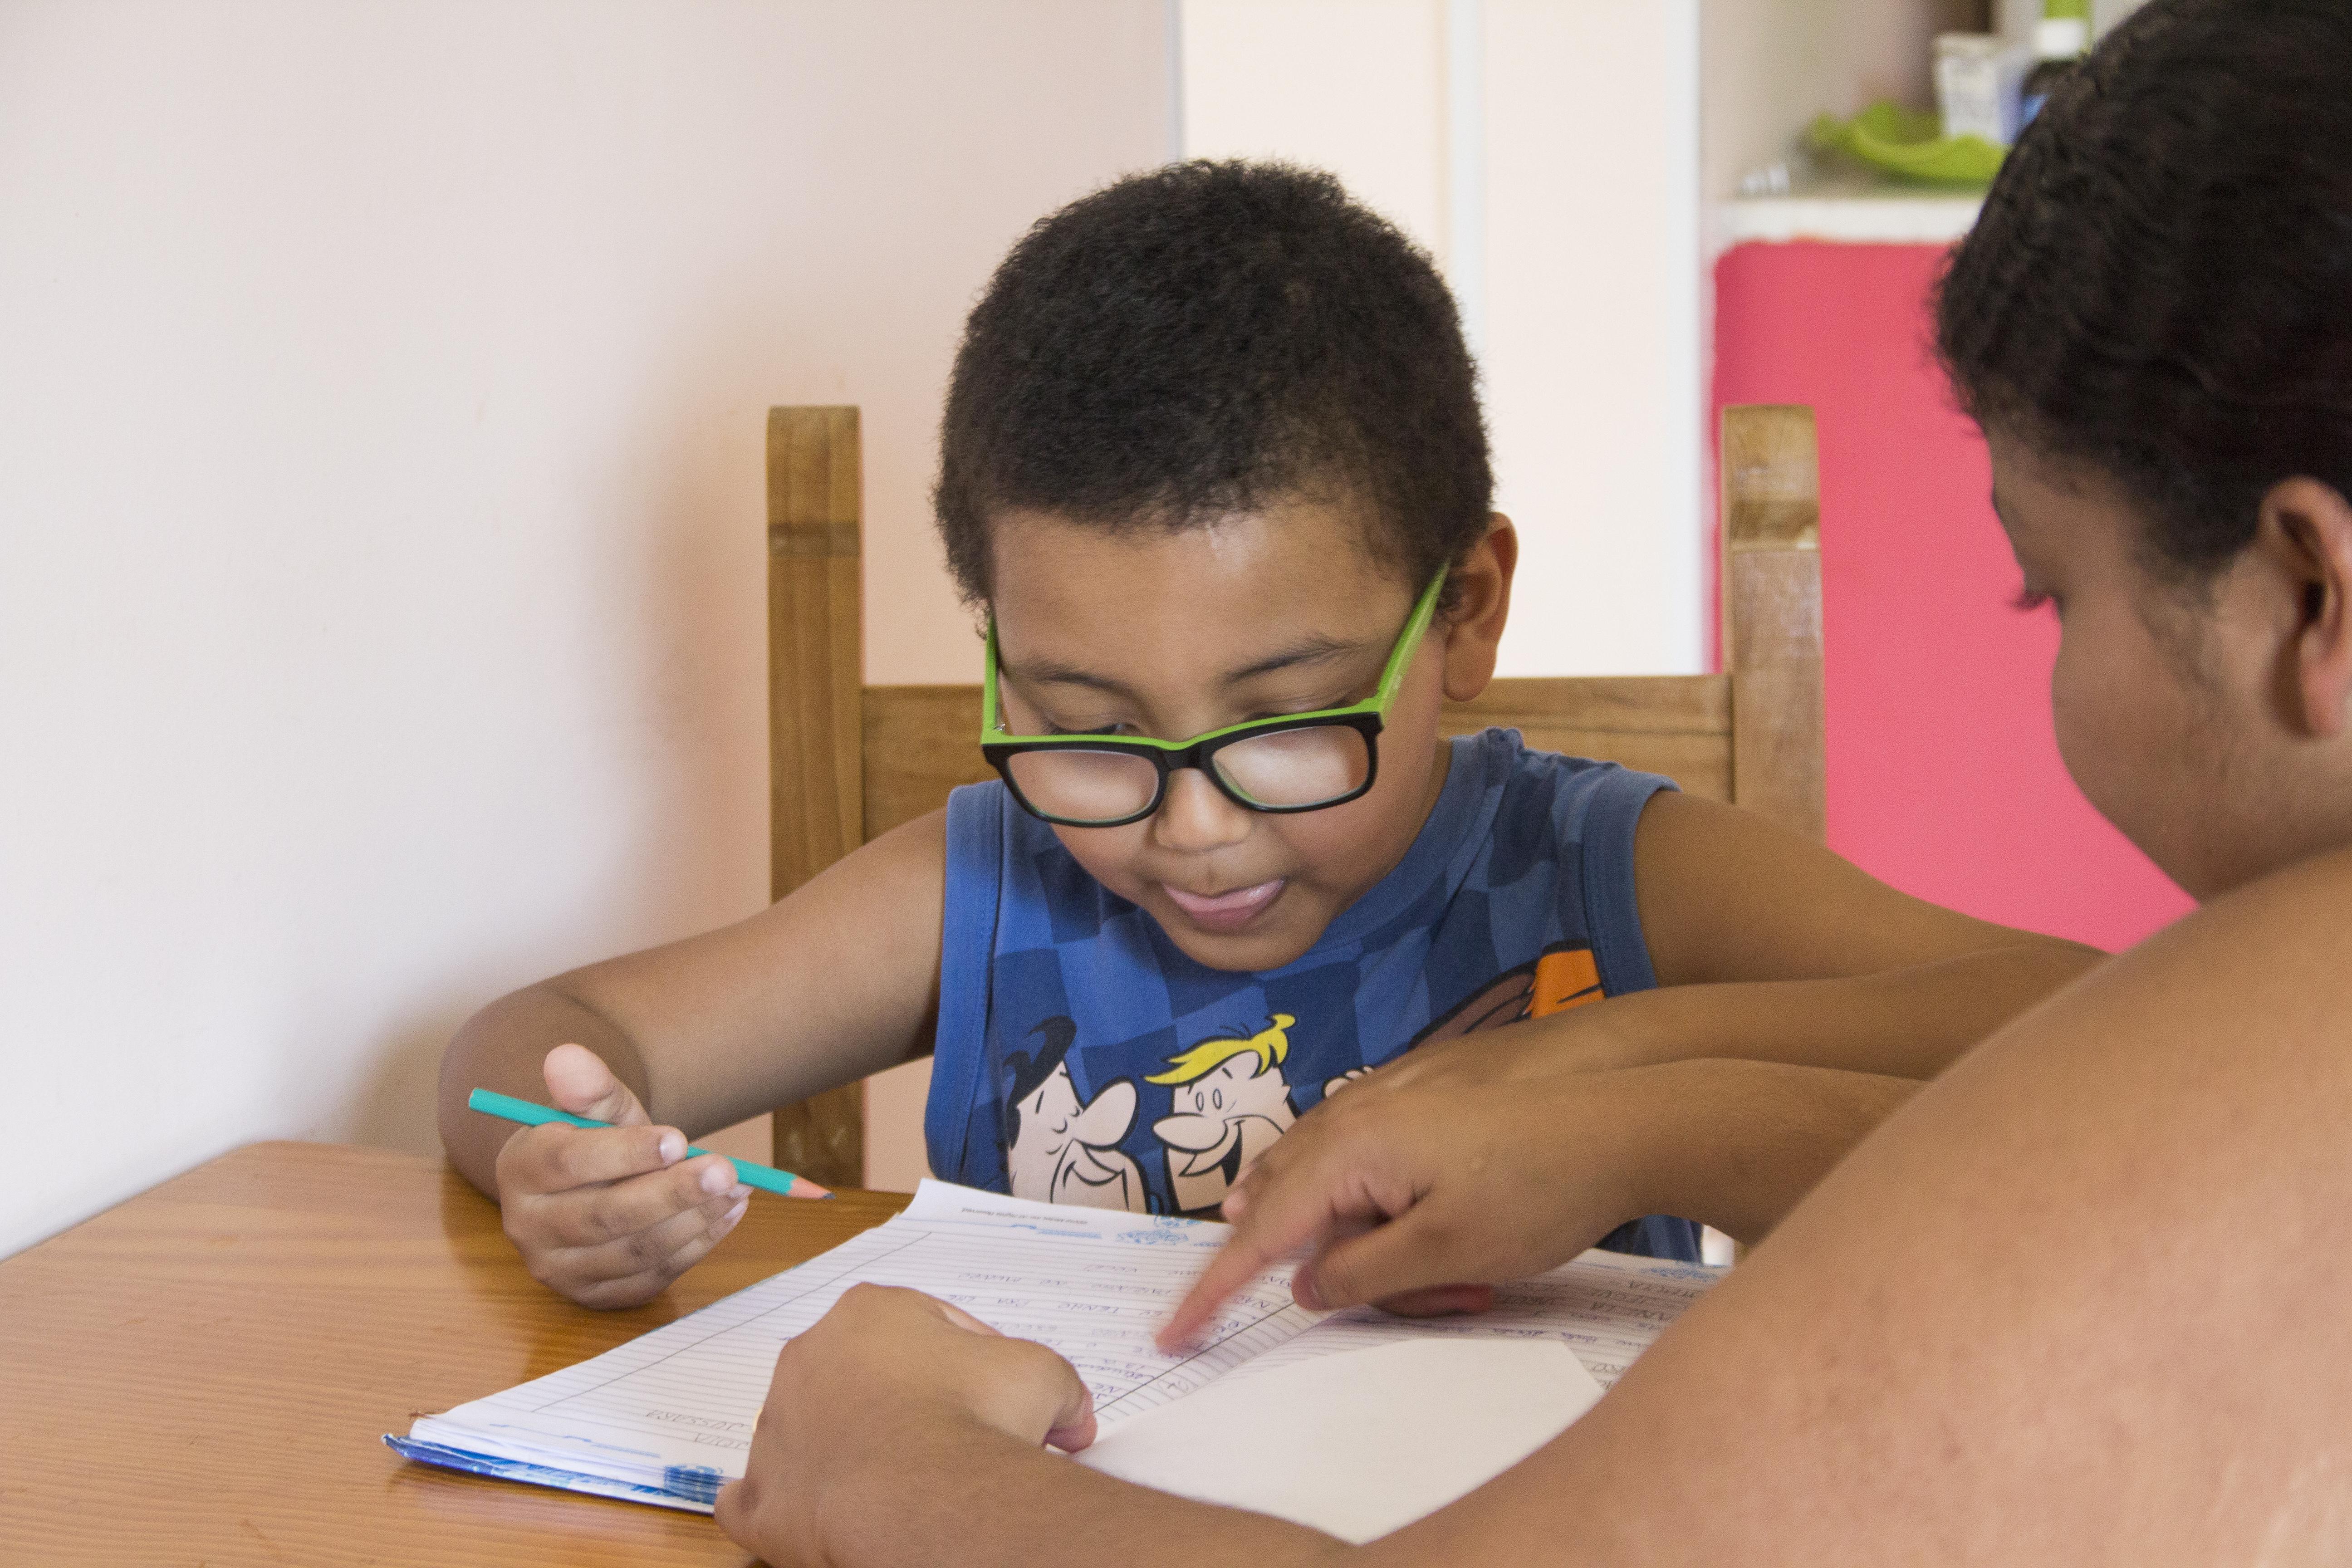 Foto de um menino de 8 anos, com óculos, escrevendo e uma folha. Uma mulher indica letras em um caderno